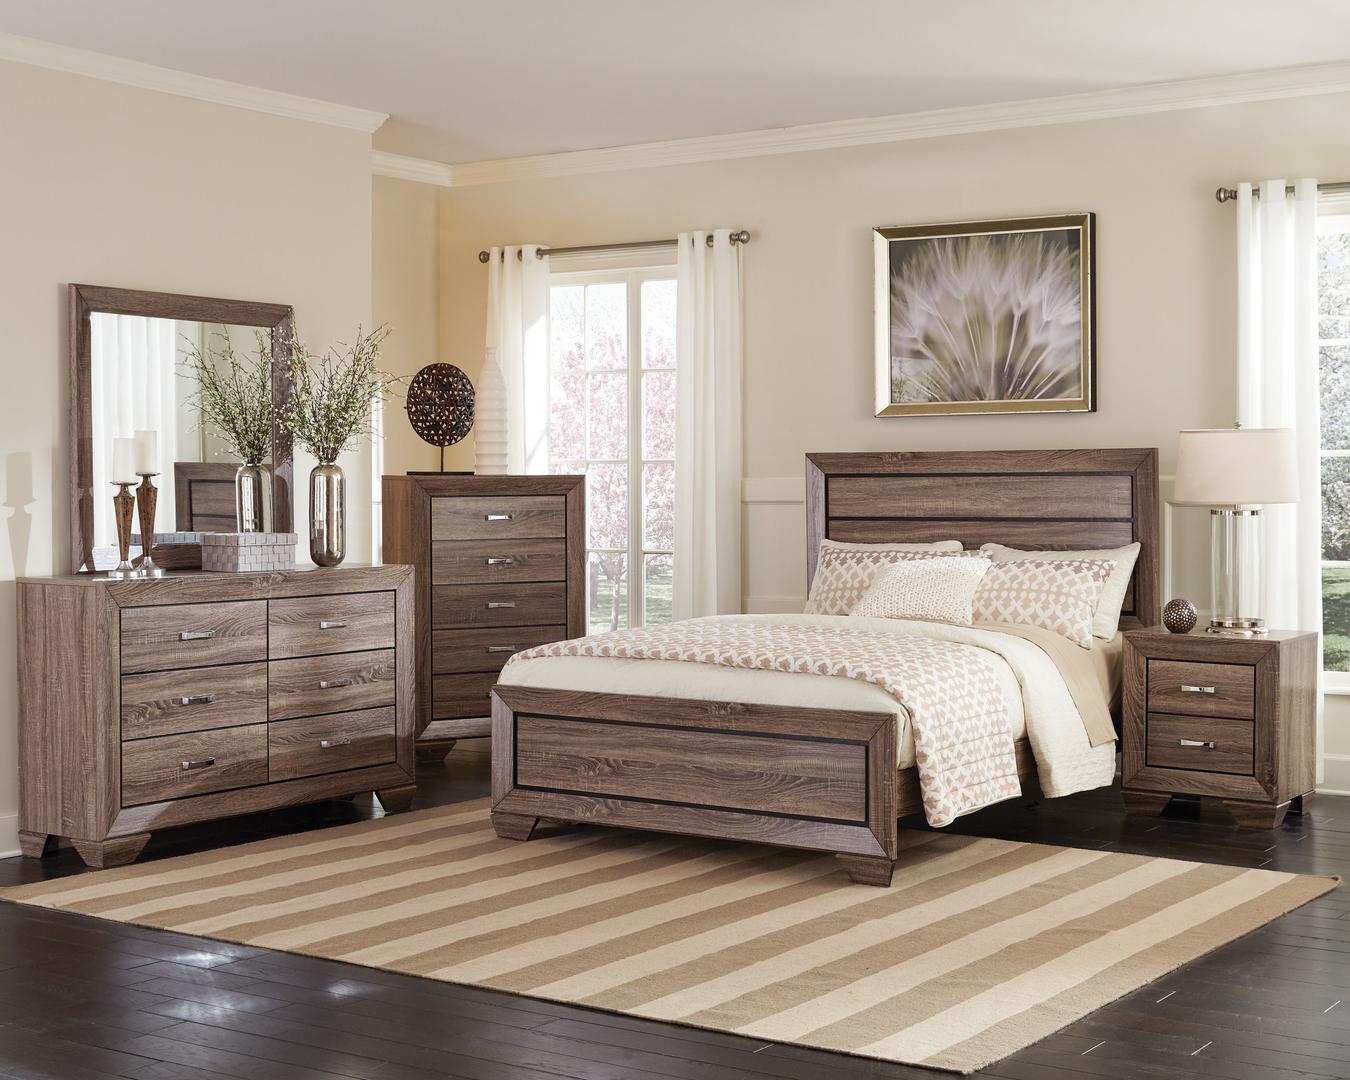 Bedroom Sets Furniture.  Joes Bed Furniture Mattress Sale